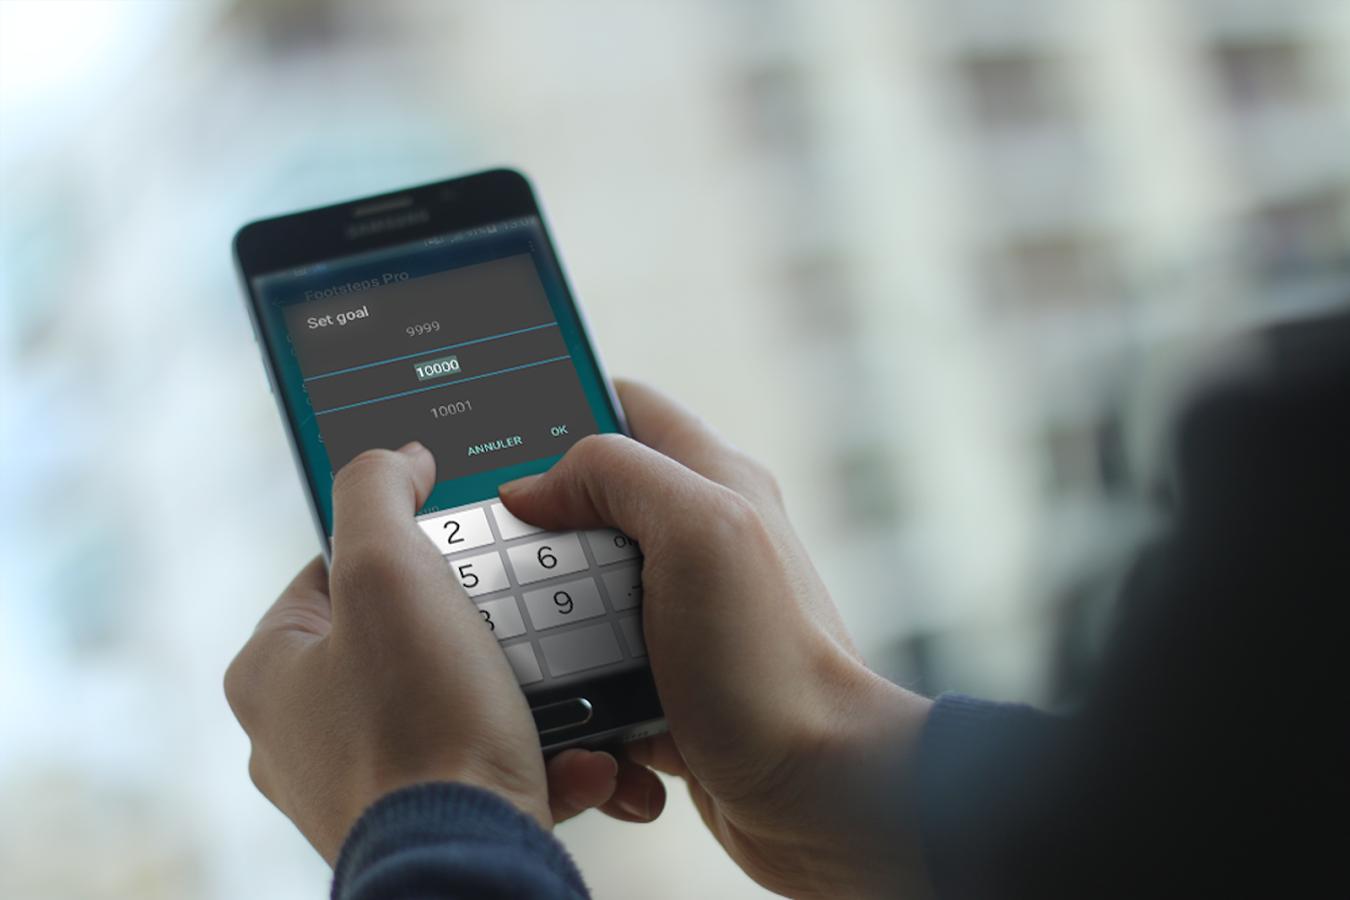 Podómetro - Pasos - Aplicaciones de Android en Google Play